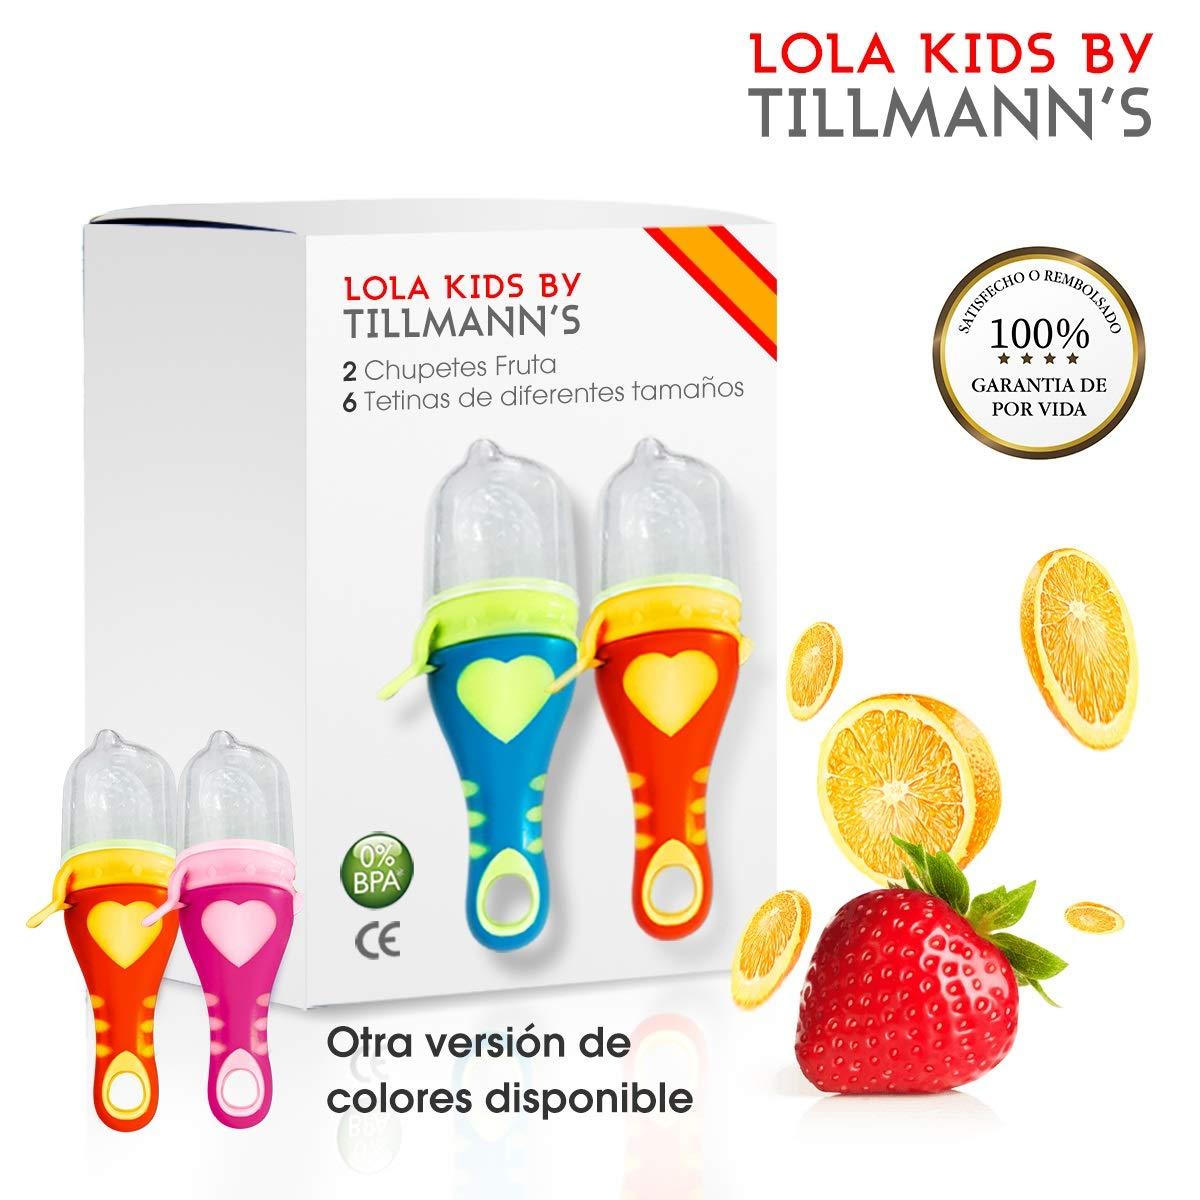 O³ Chupete Fruta – 2 Unidades con 6 Tetinas De Diferentes Tamaños – Alimentador Antiahogo Bebe Para Las Frutas y Verduras – Ayuda La Dentición De Bebé – 100% Silicona Sin BPA